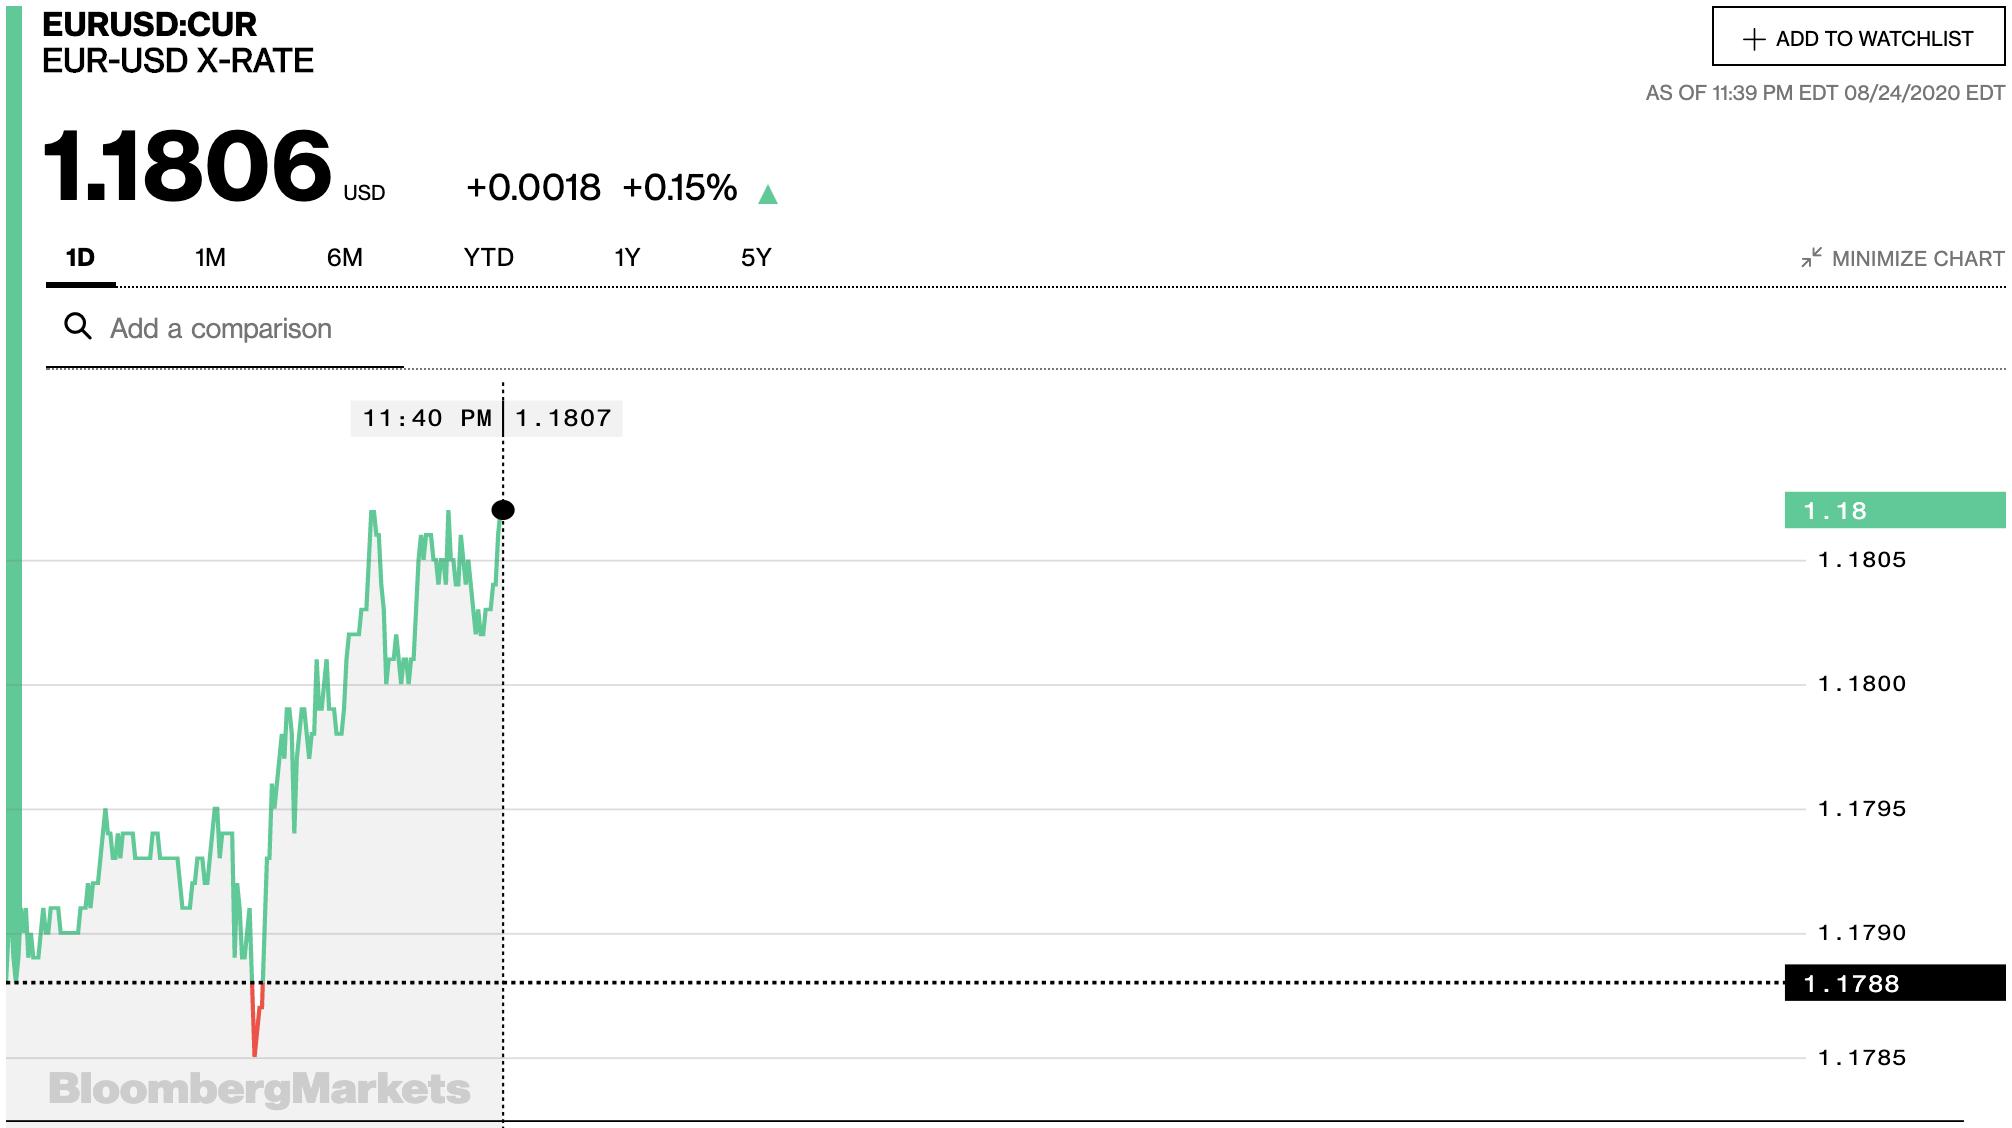 Tỷ giá euro hôm nay 25/8: Duy trì ổn định, tăng giảm không đáng kể tại các ngân hàng - Ảnh 2.